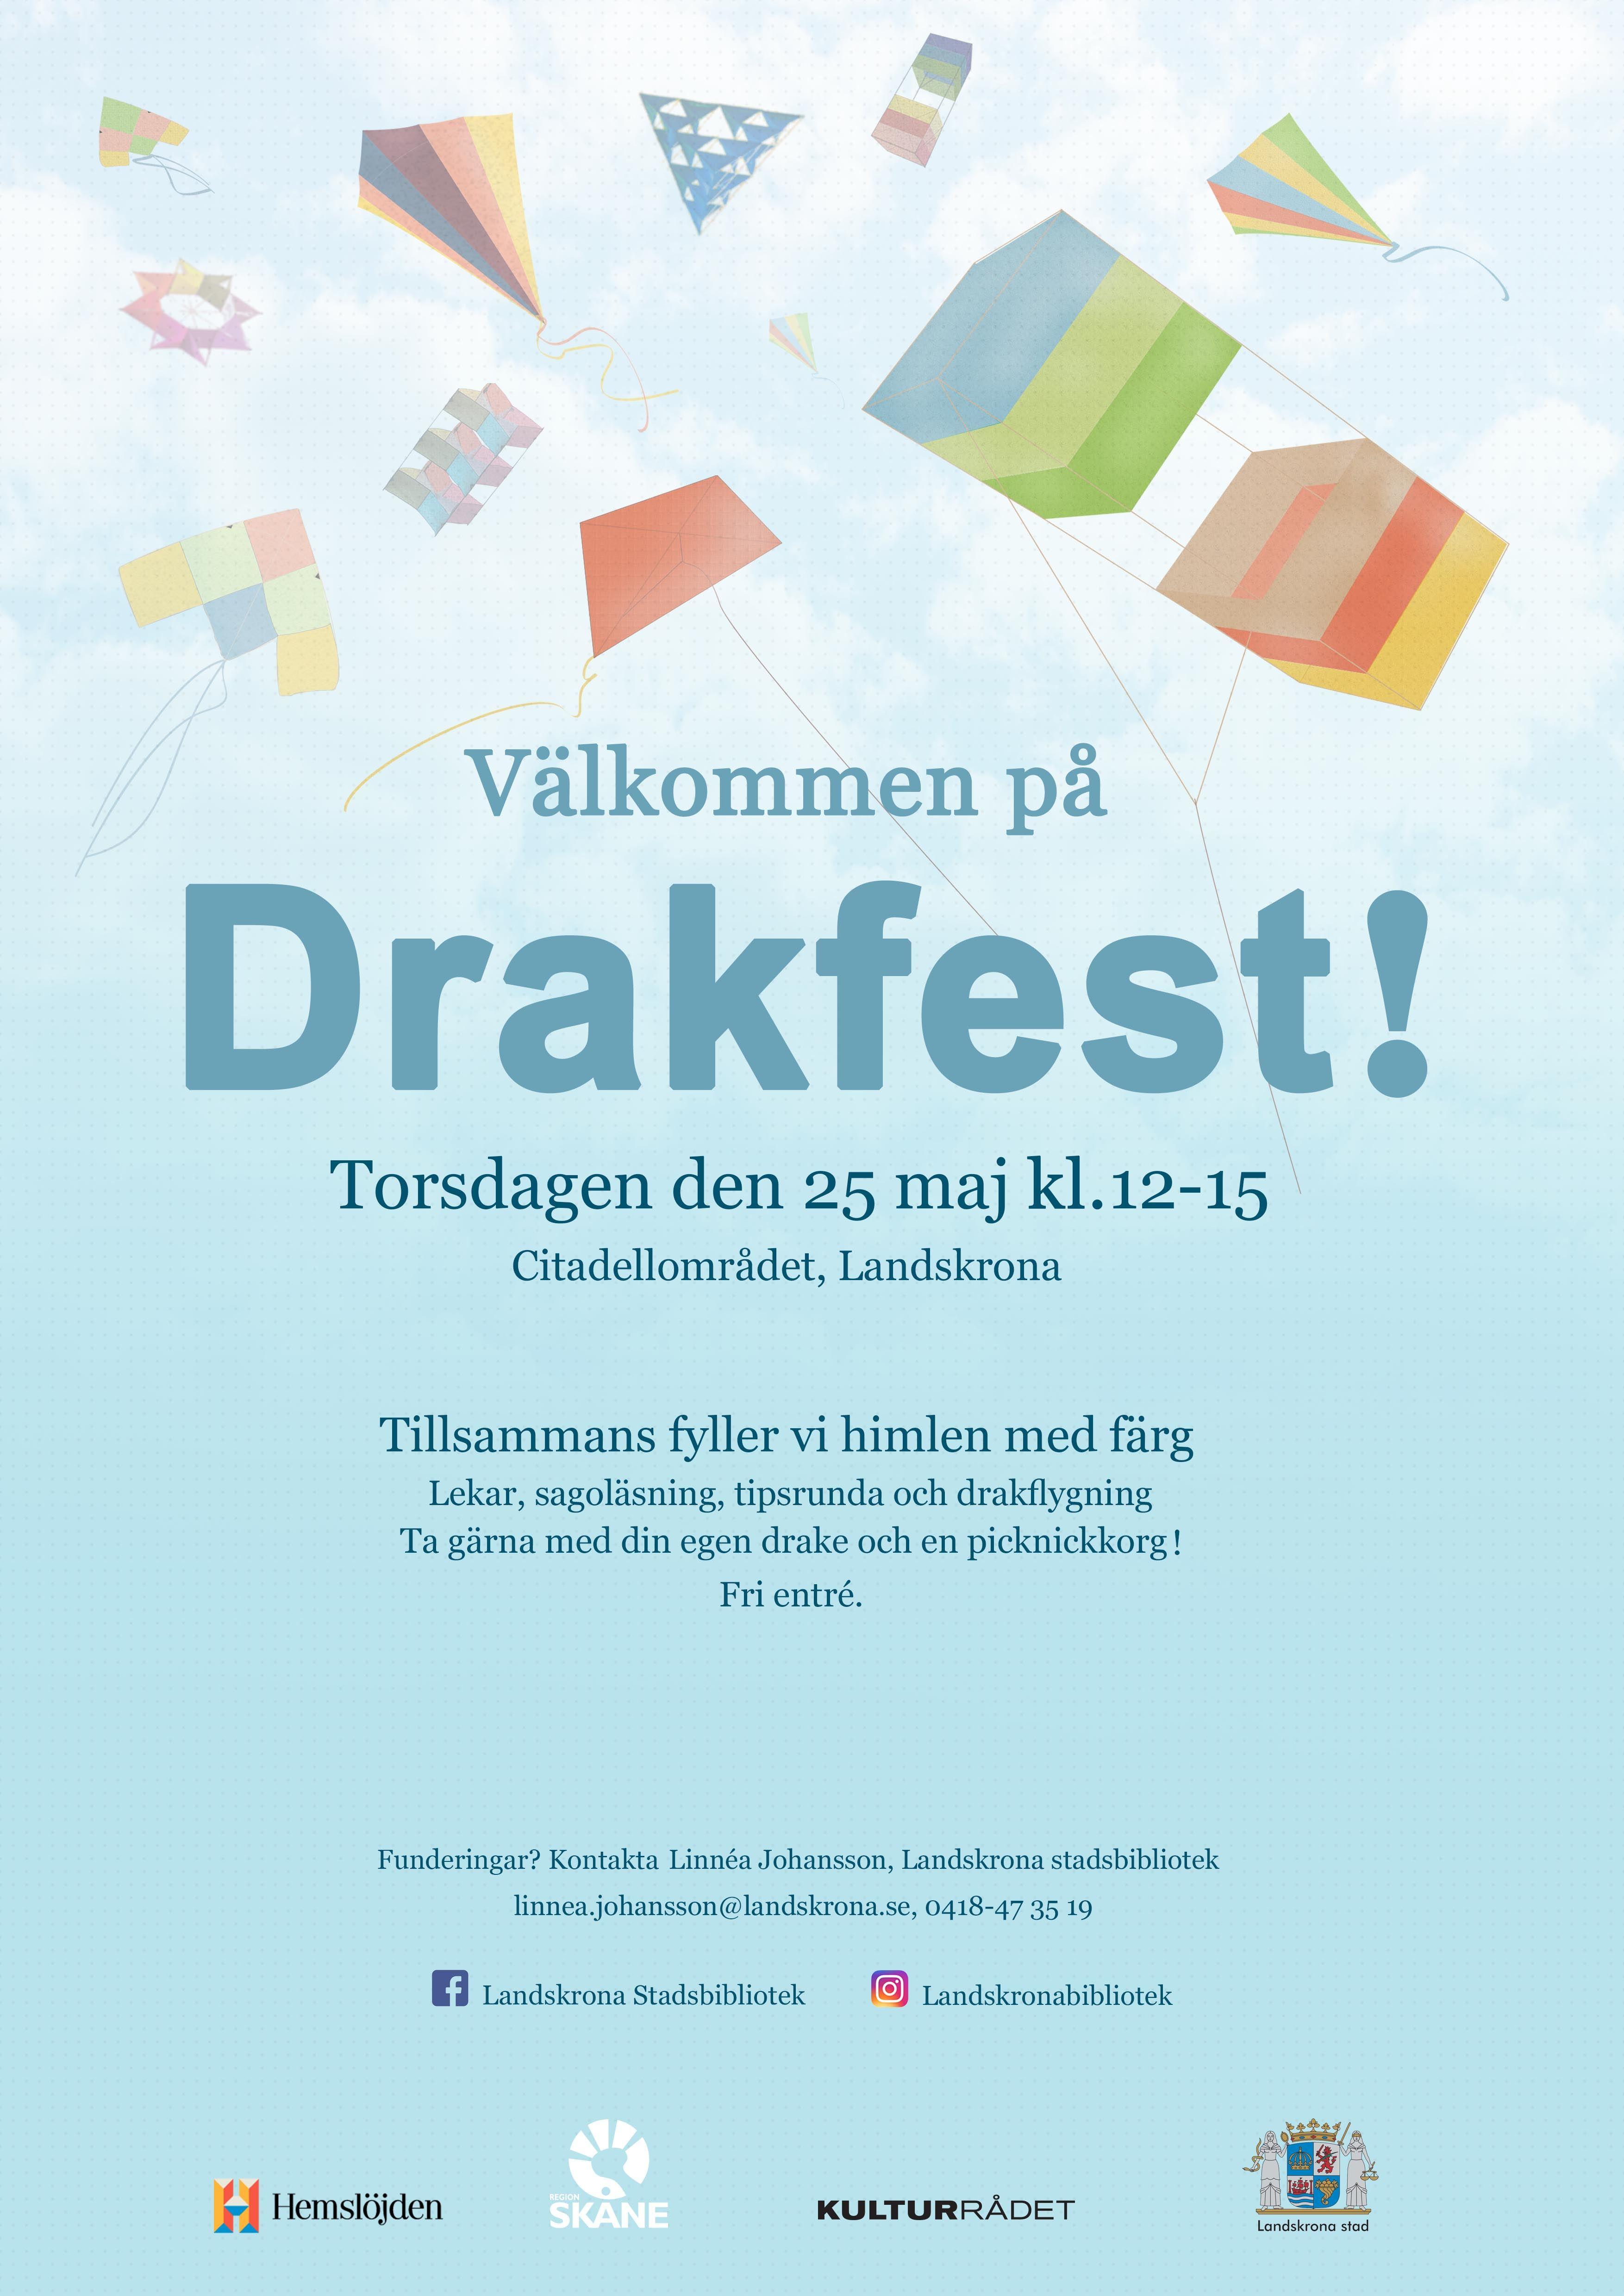 Landskronas första drakfest!